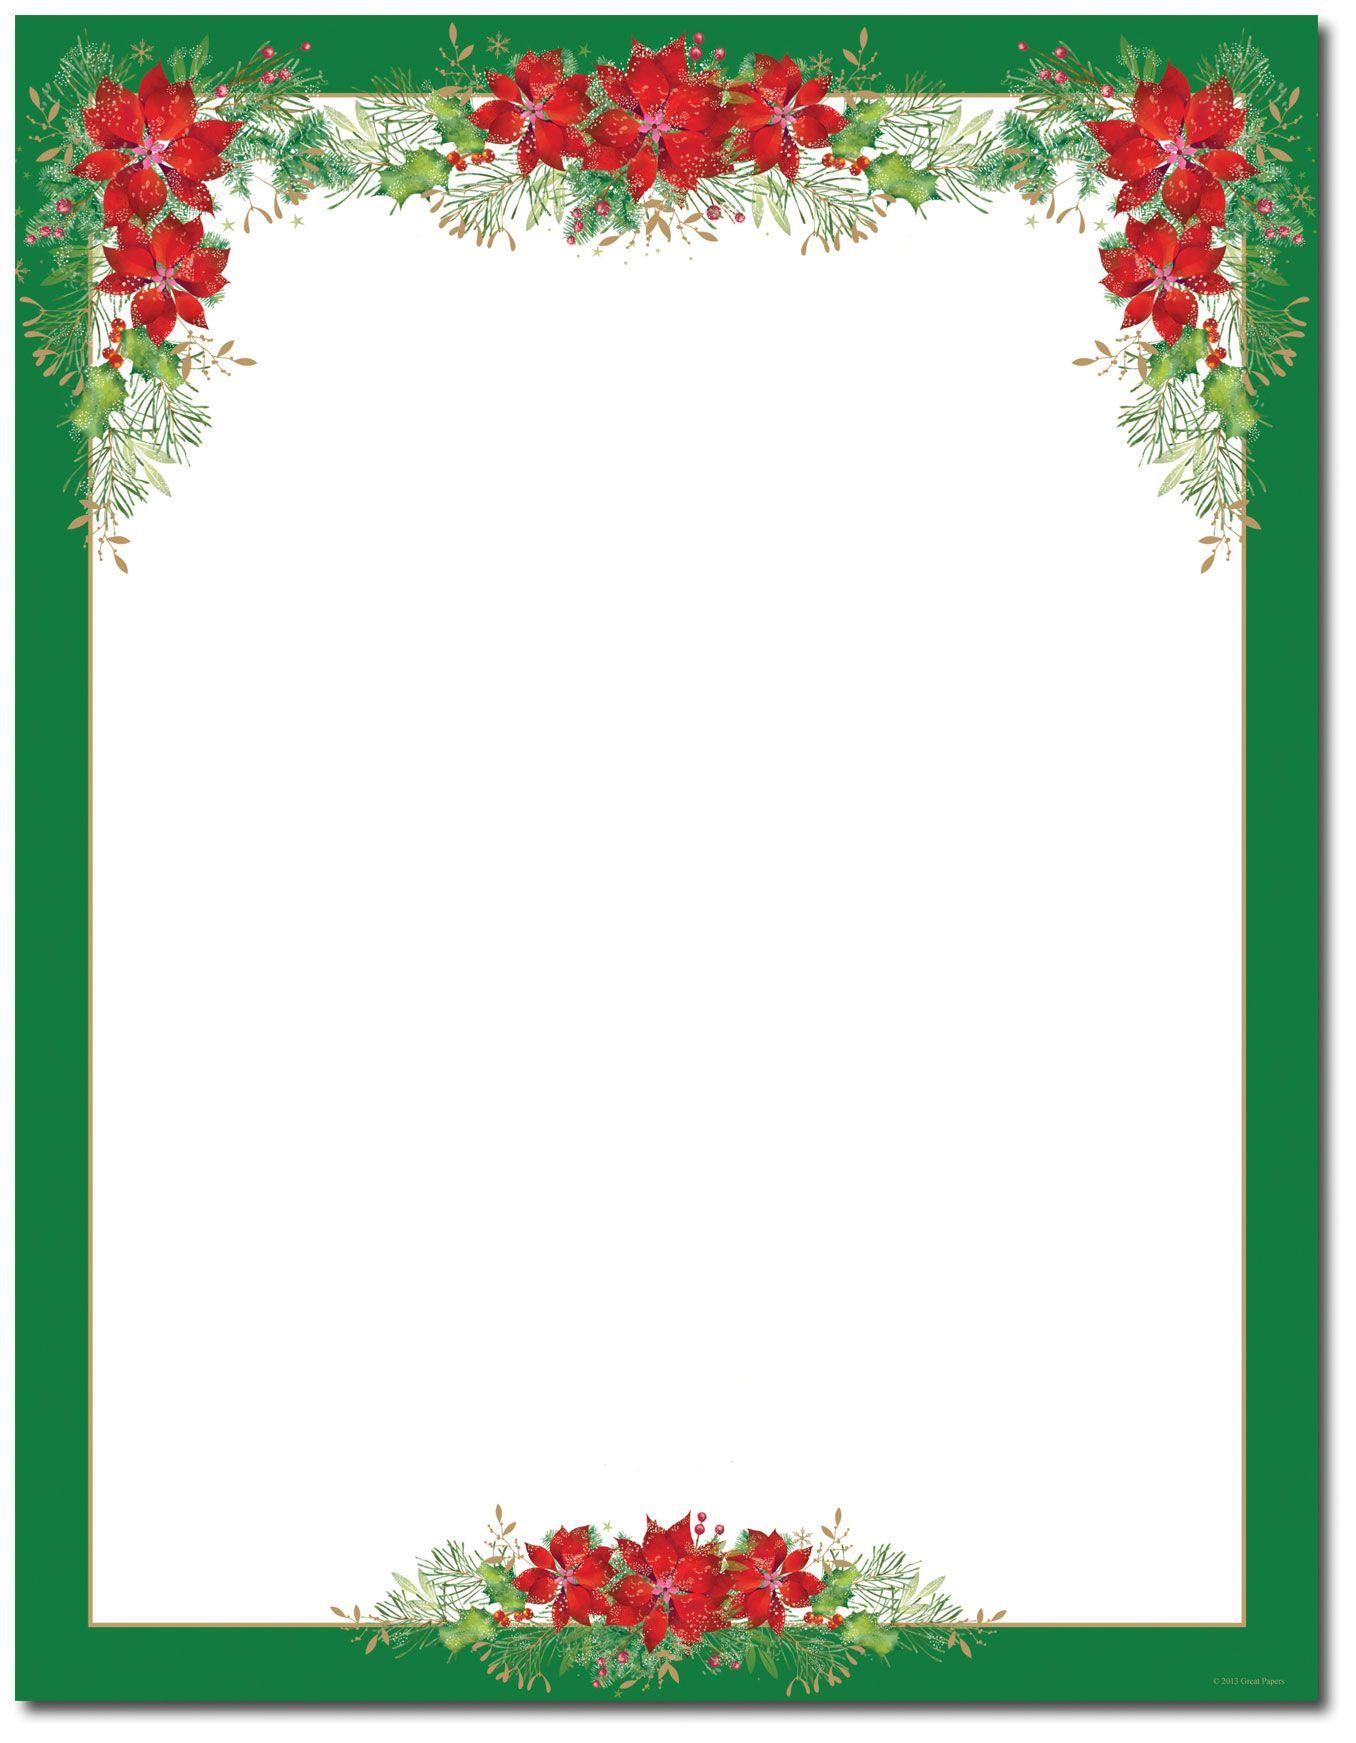 Free Printable Christmas Border Templates | Christmas Art - Free Printable Christmas Border Paper